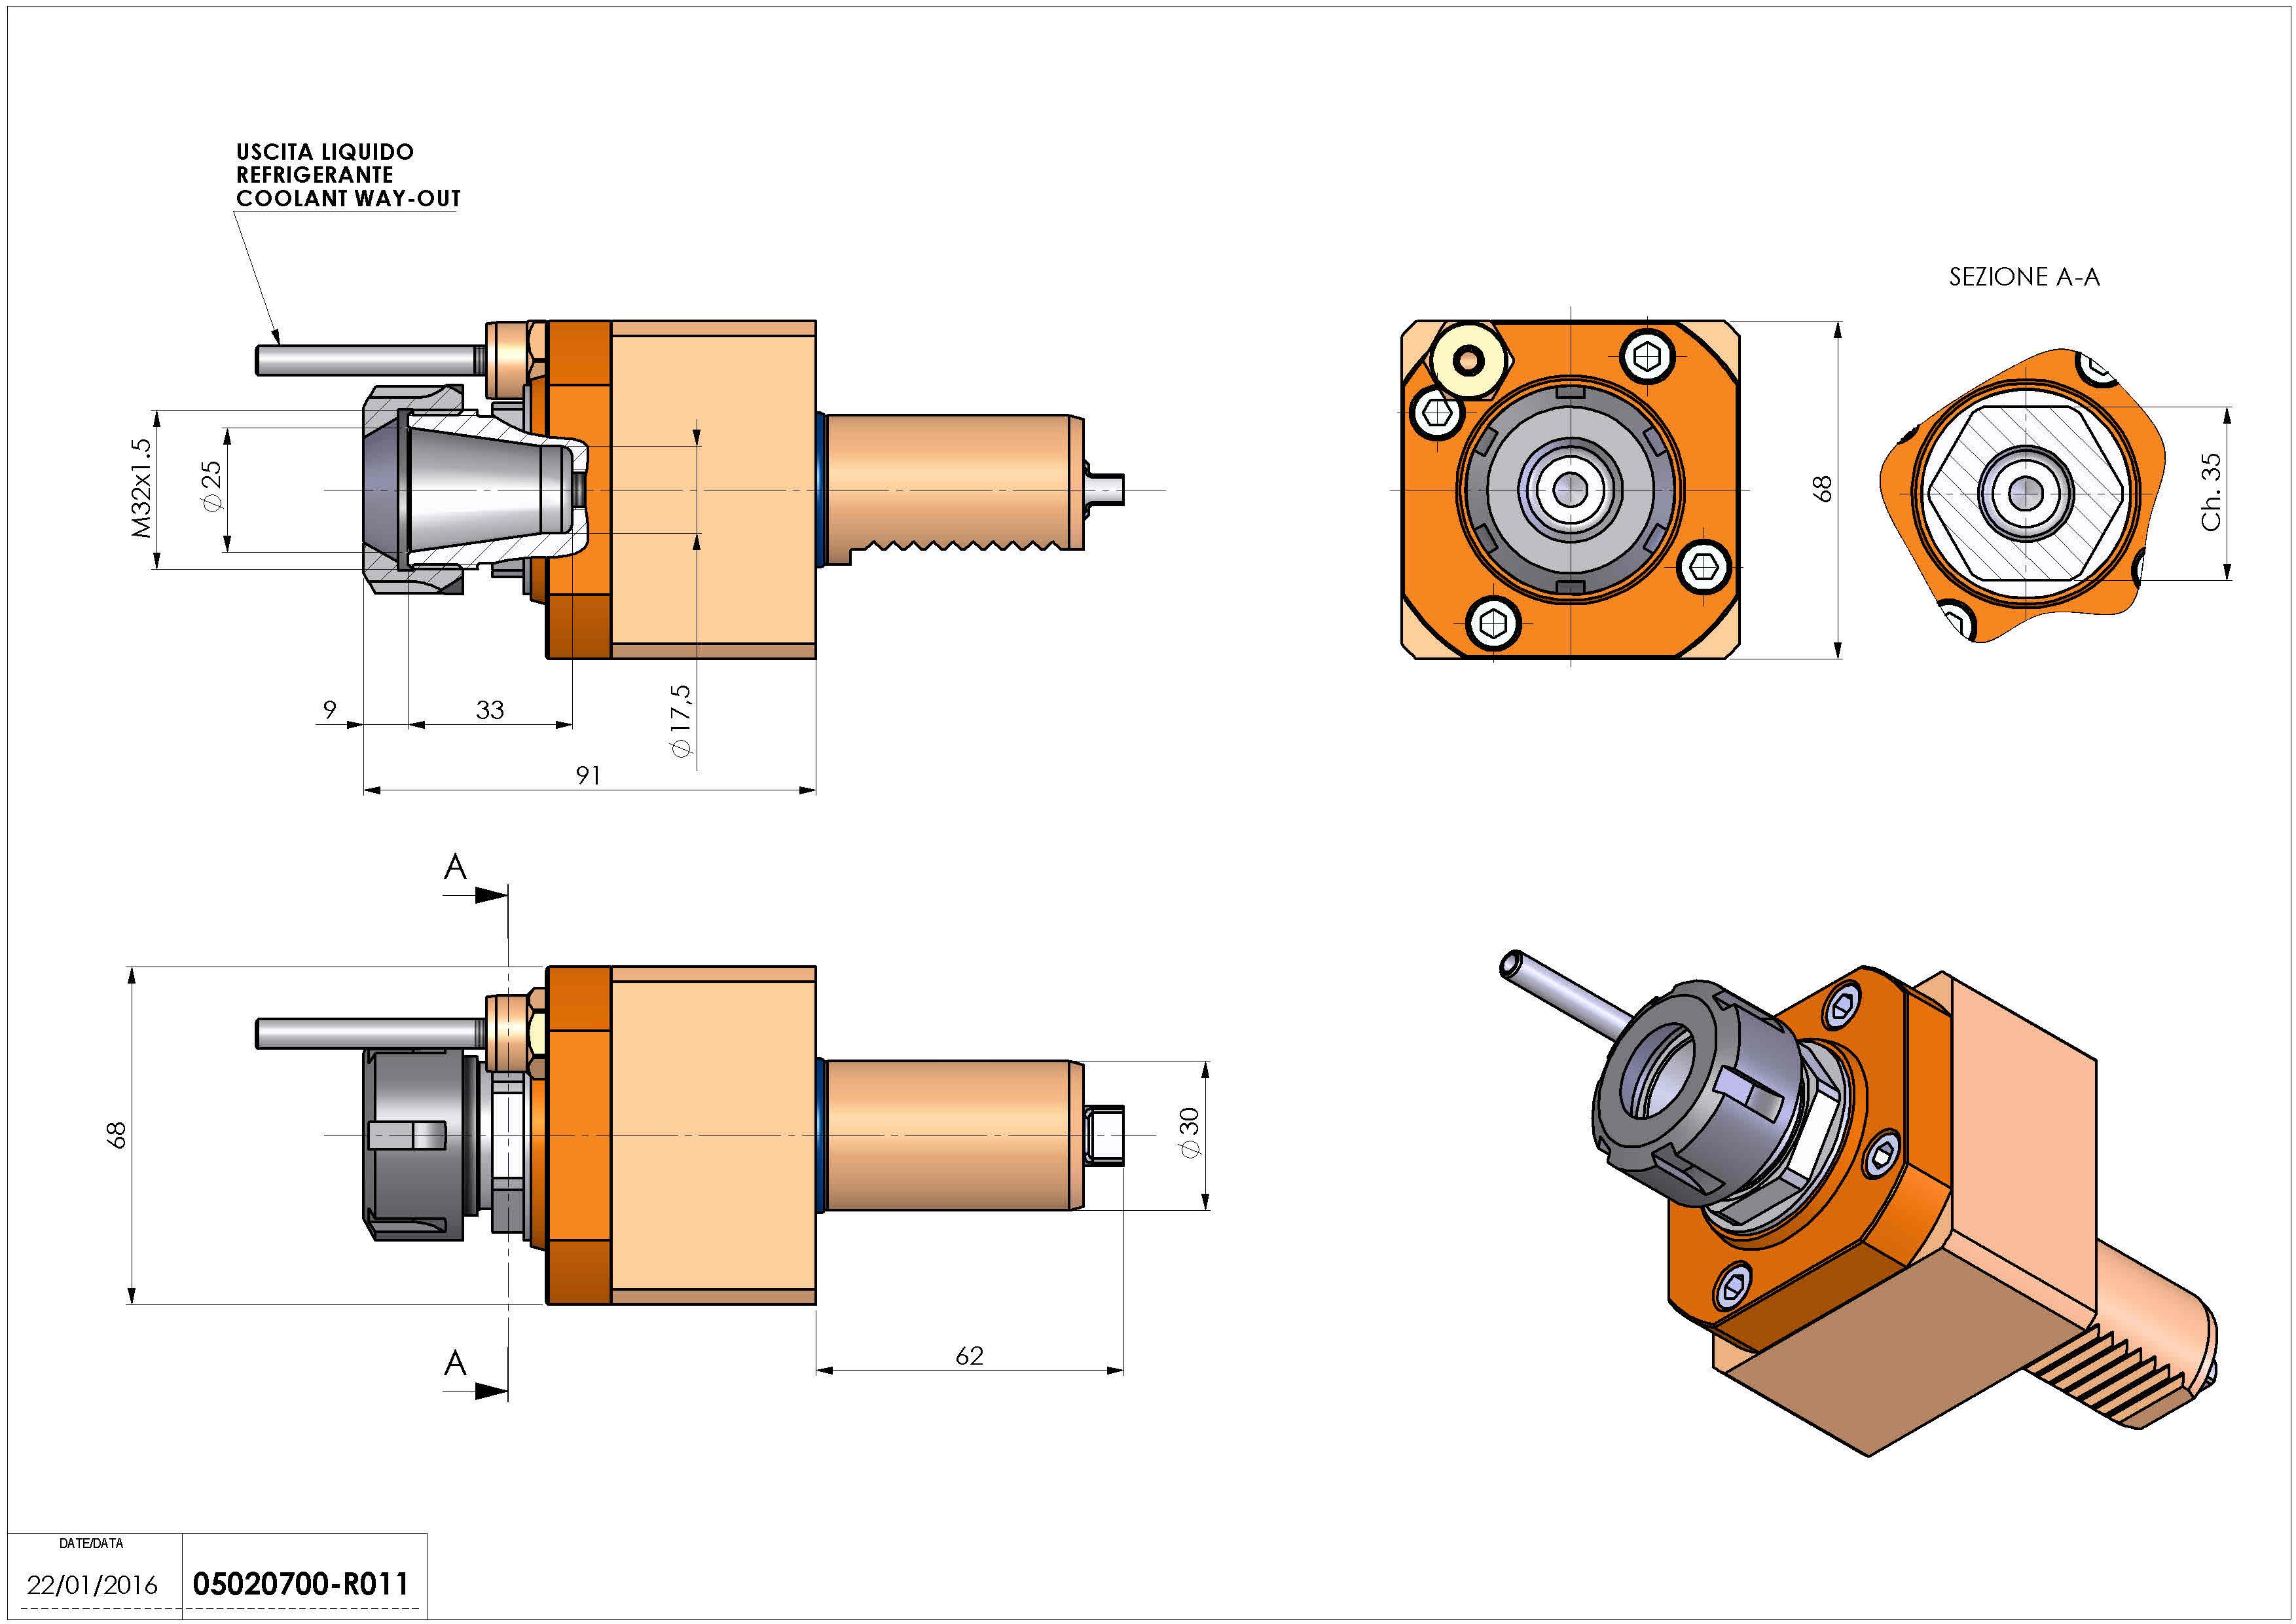 Technical image - LT-S VDI30 ER25 H82 TAKAMAZ.